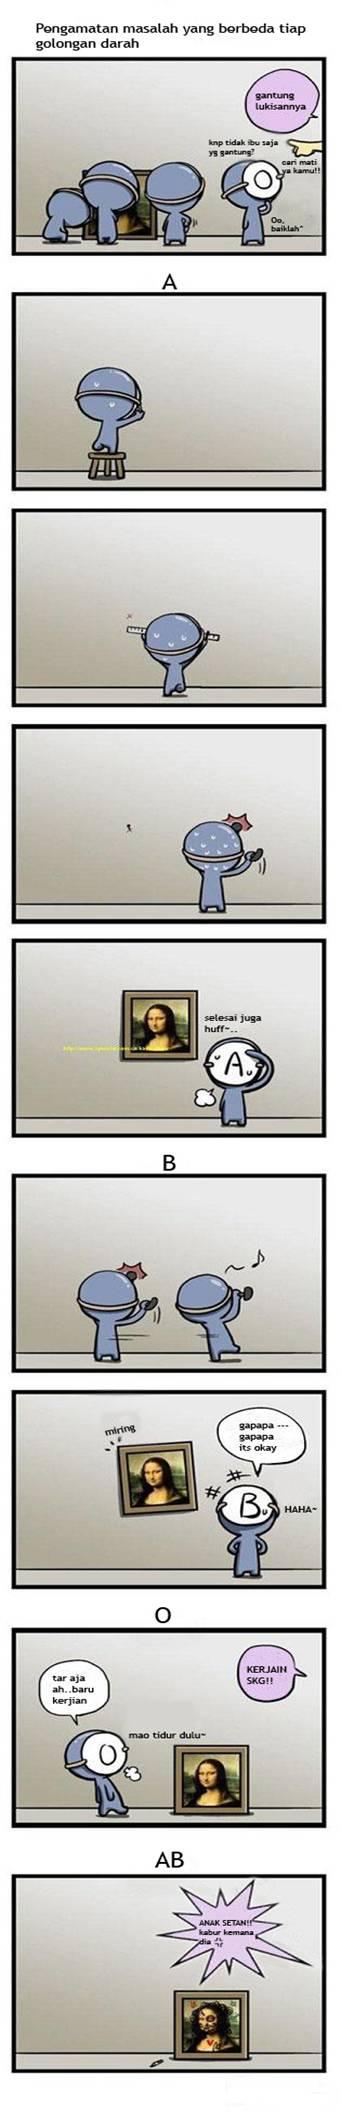 komik golongan darah 4